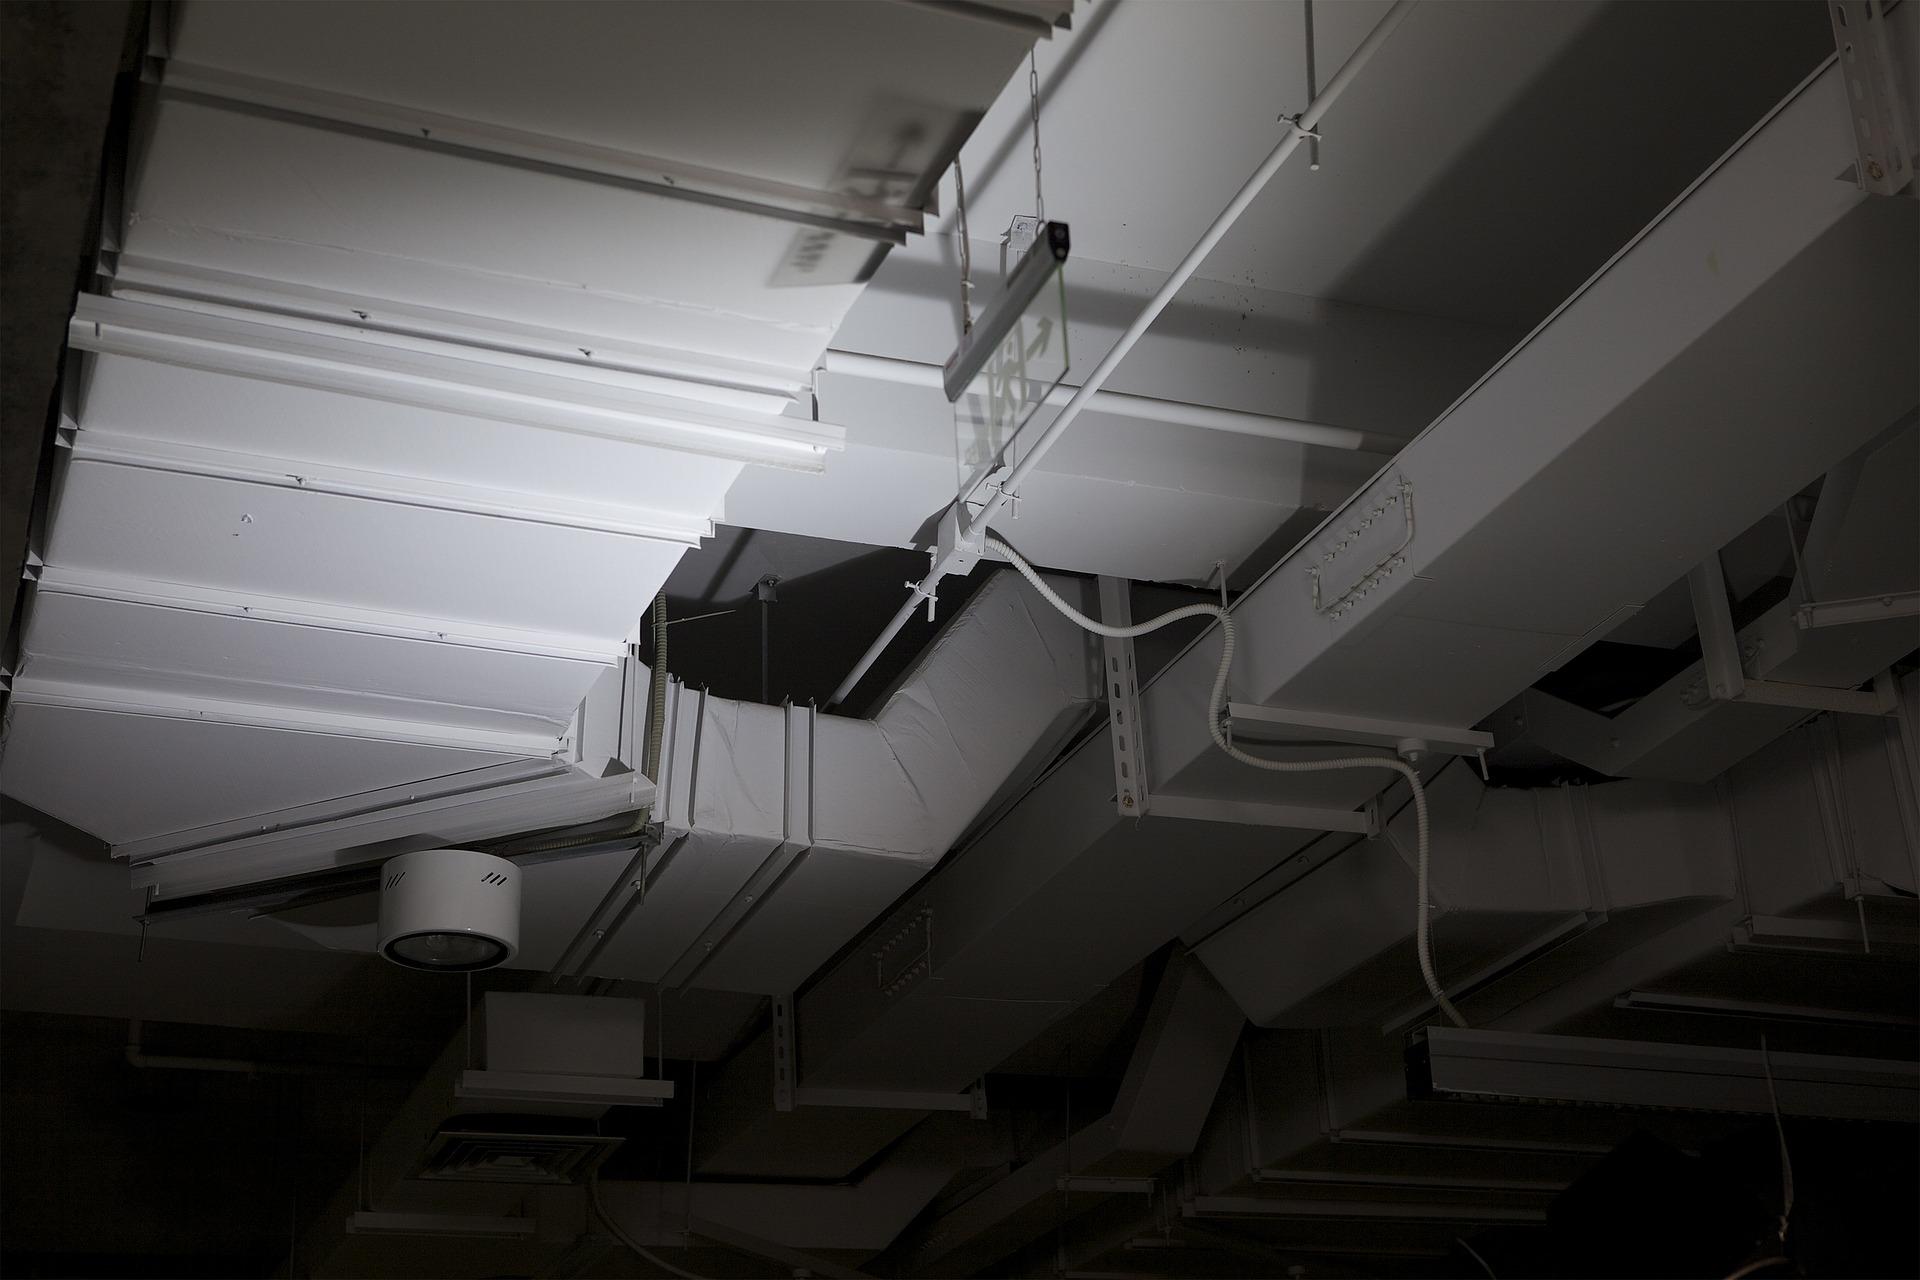 Fire Ventilation damper system